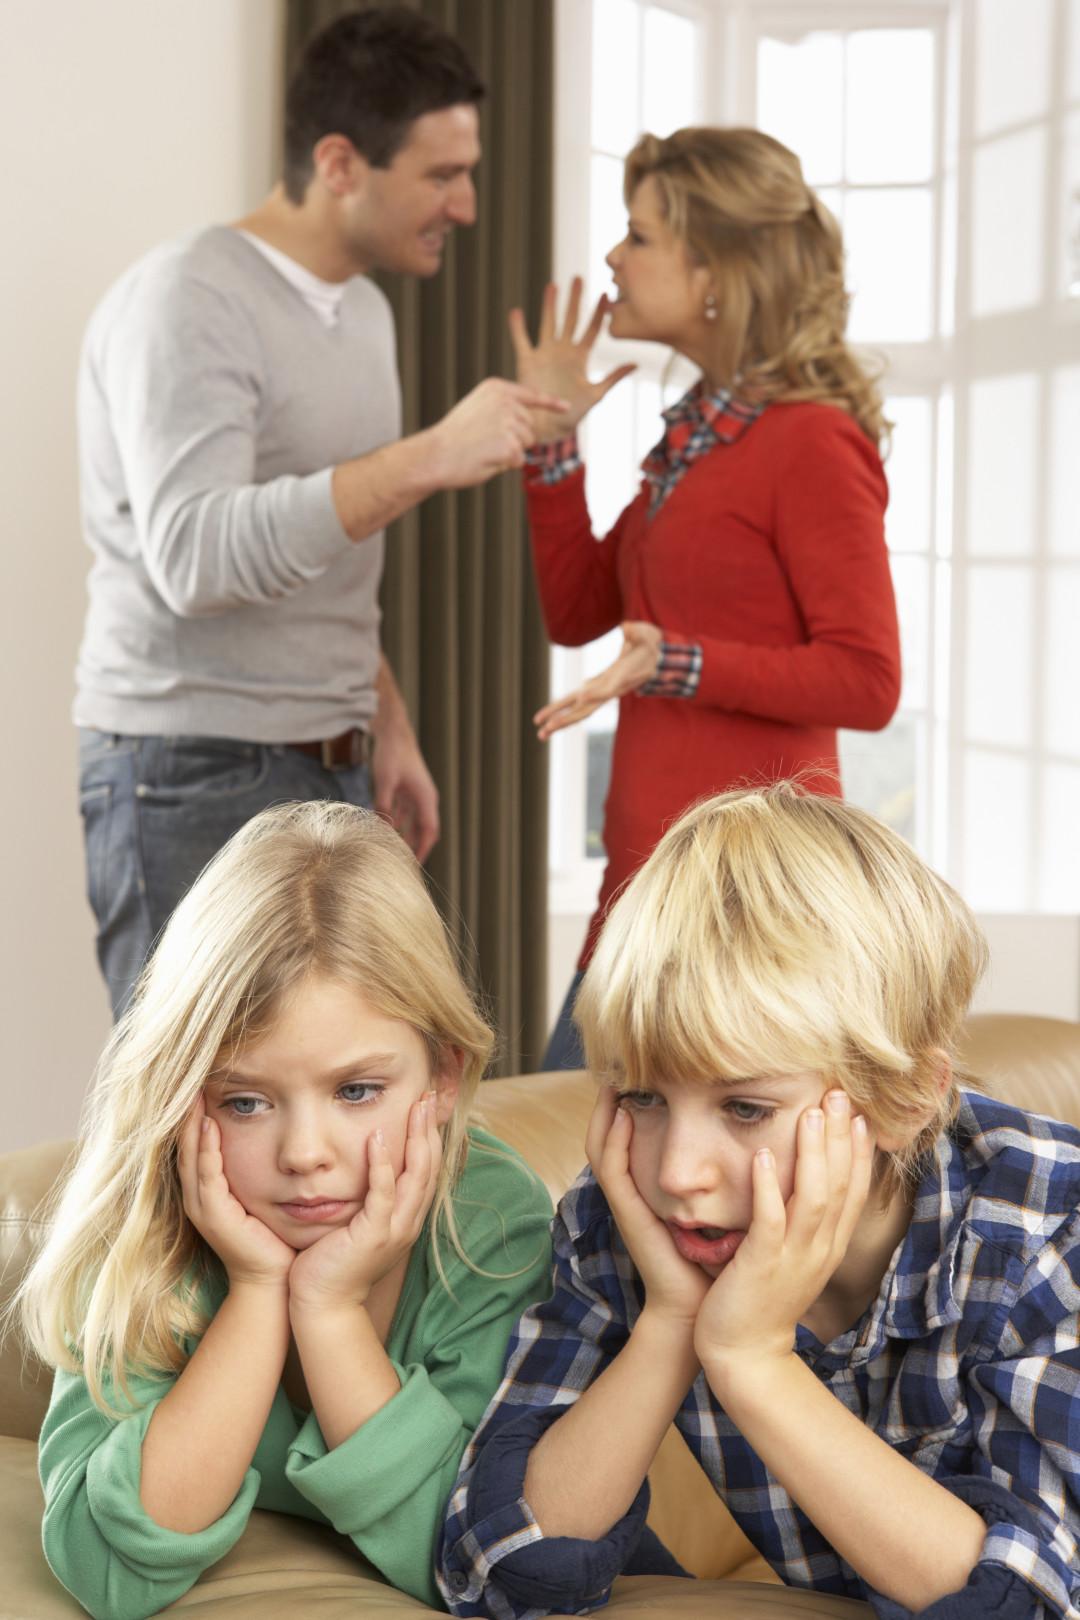 Постоянные ссоры в семье, что делать? Как избежать семейных 16